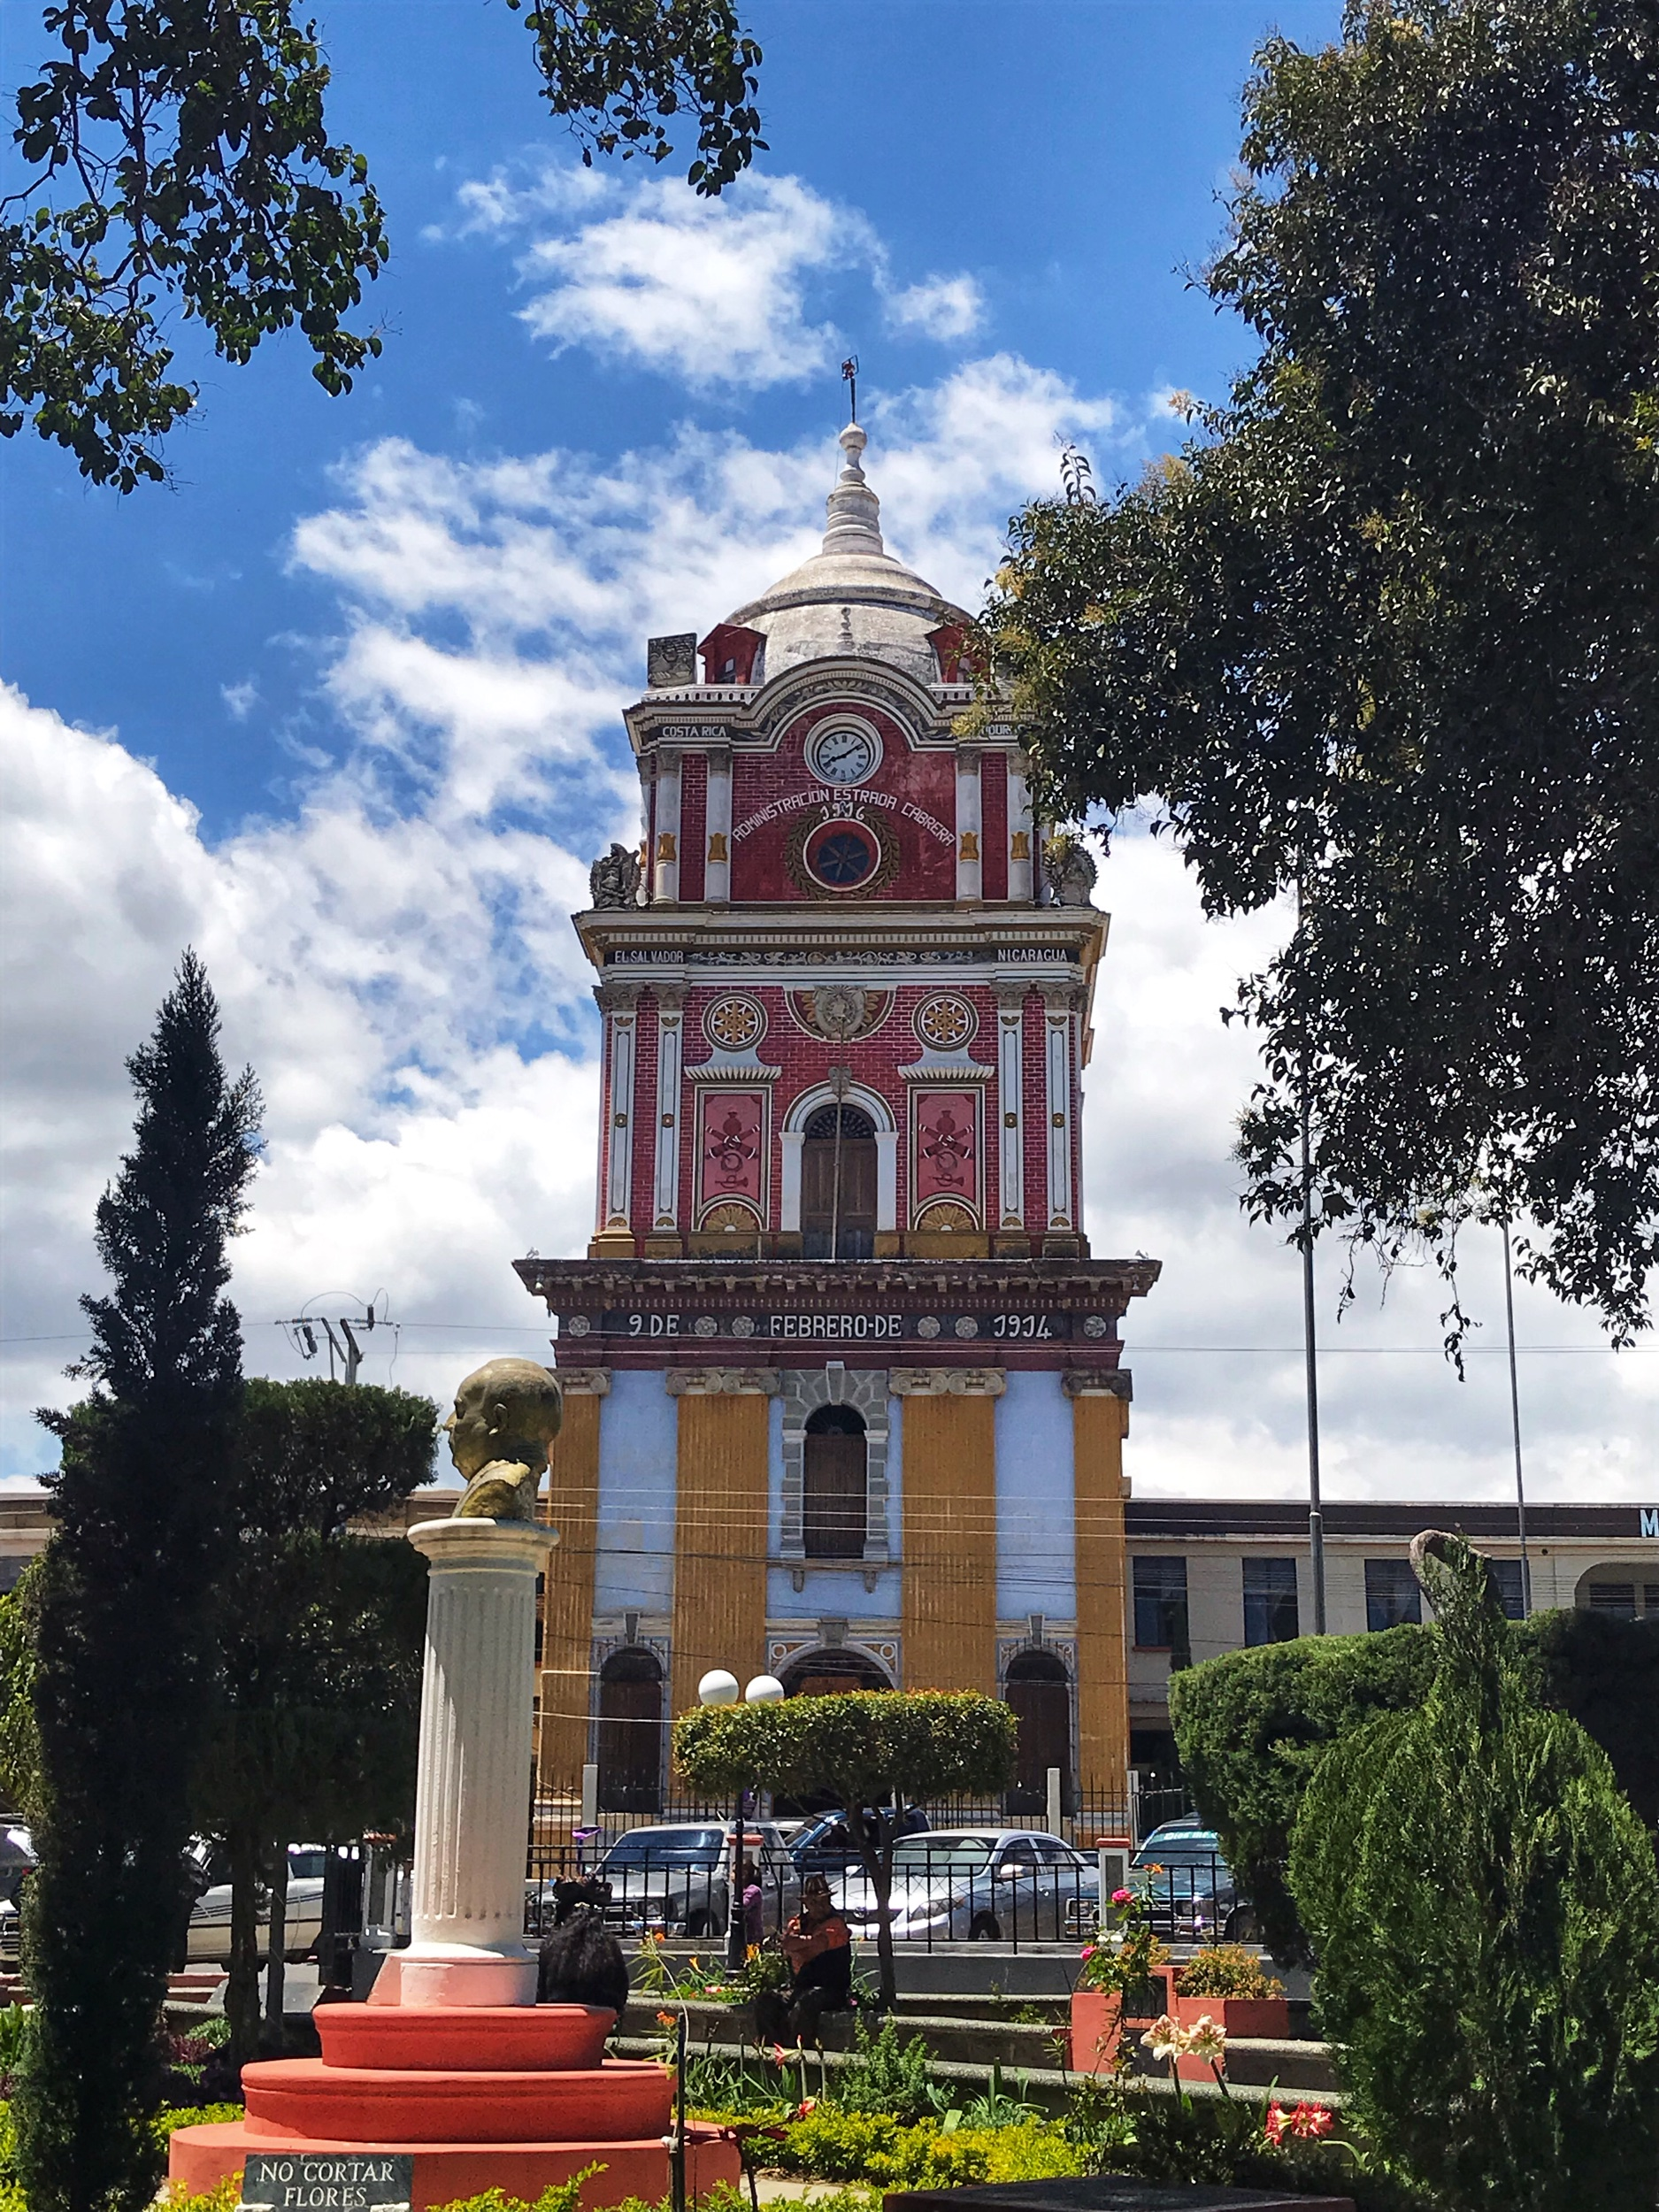 Centenario tower in Solola's central square